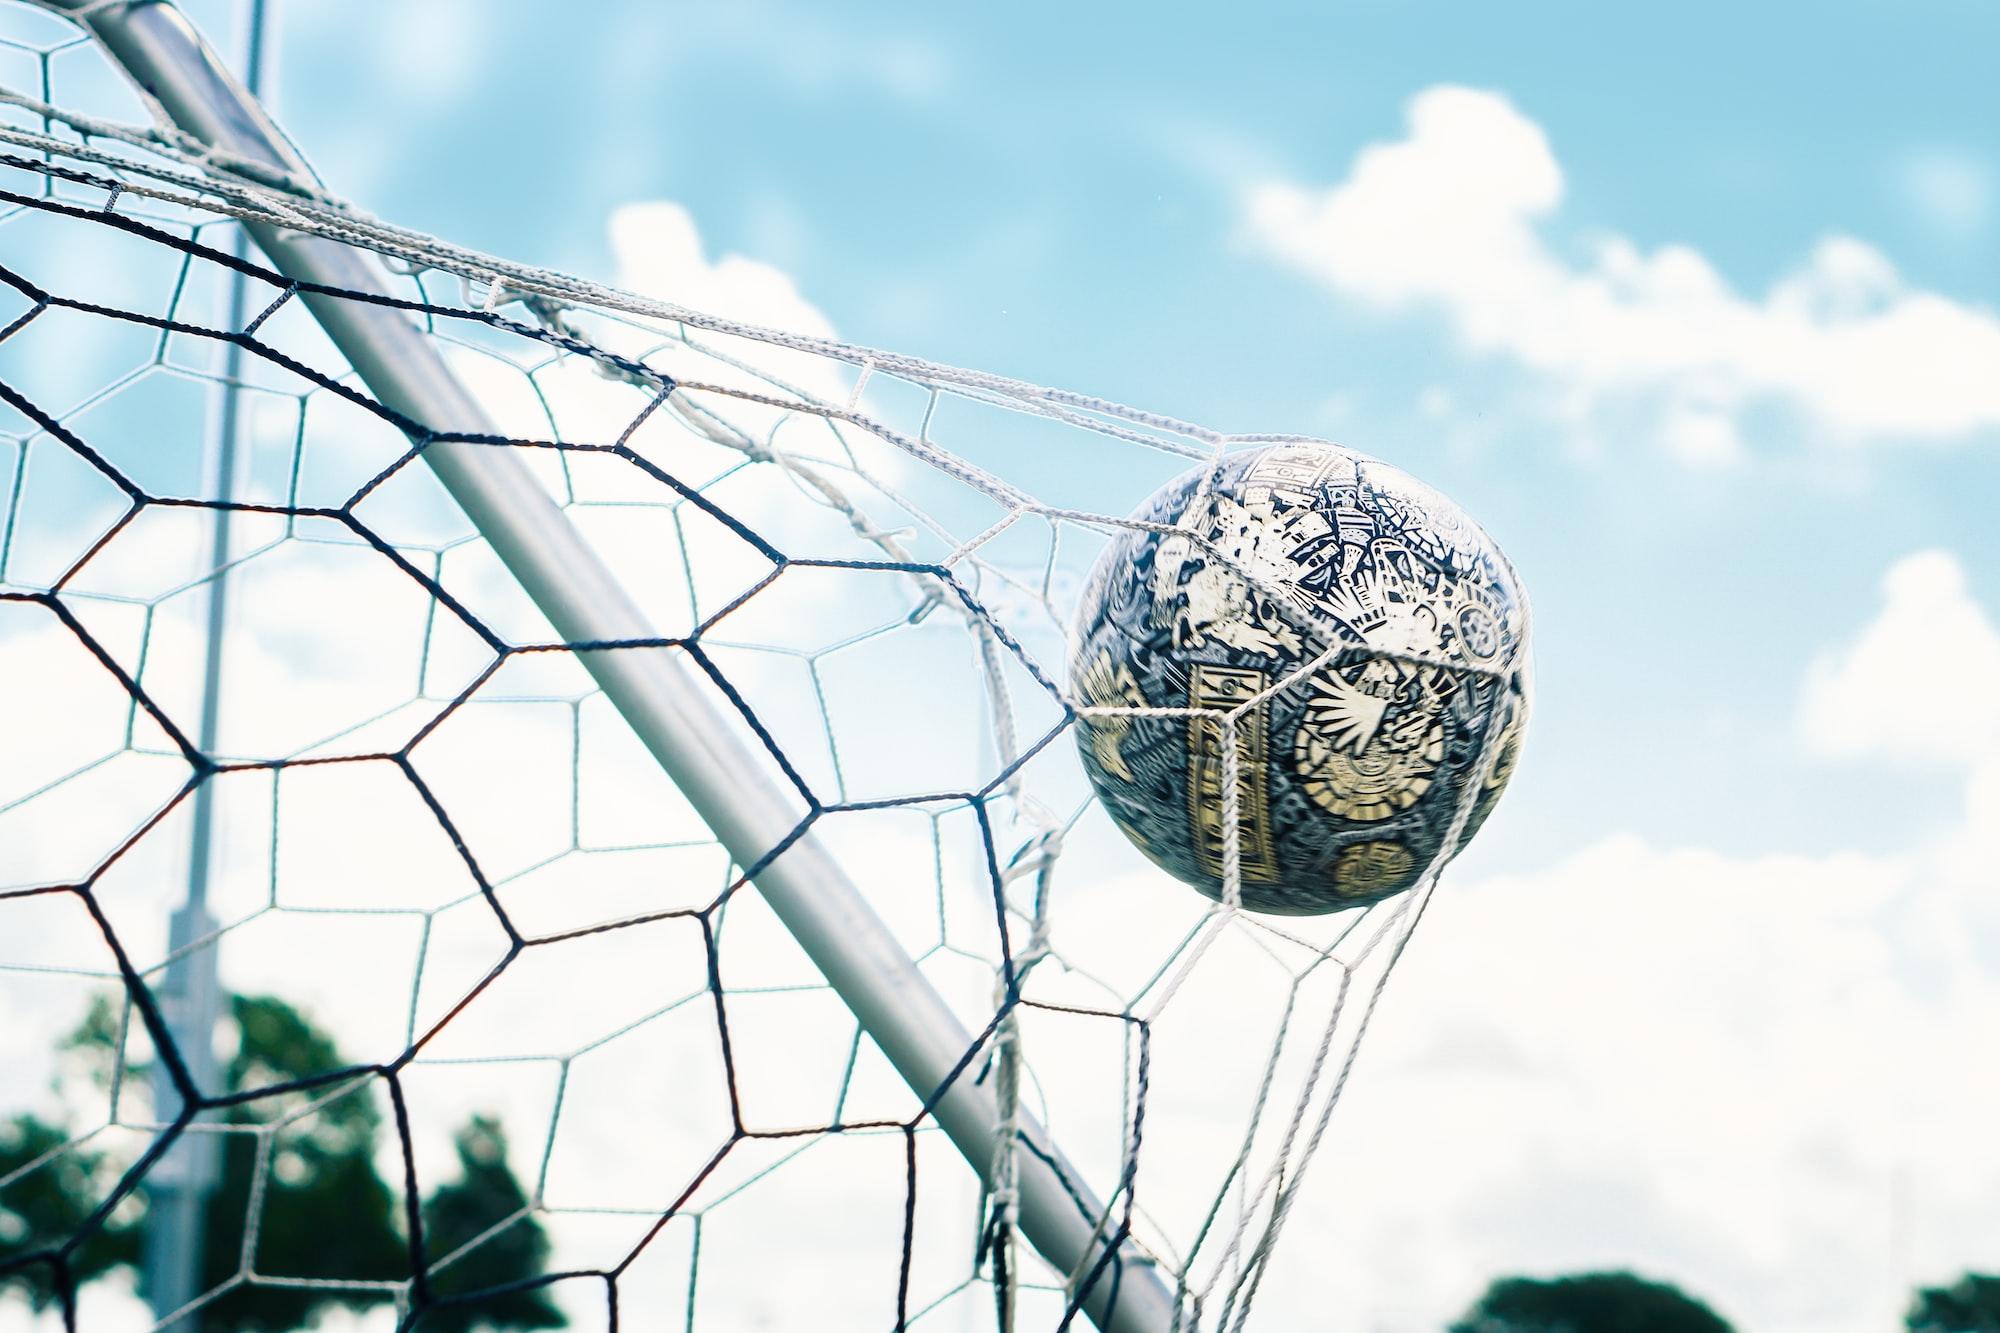 Finale playoff Serie B Venezia-Cittadella 27/05/2021